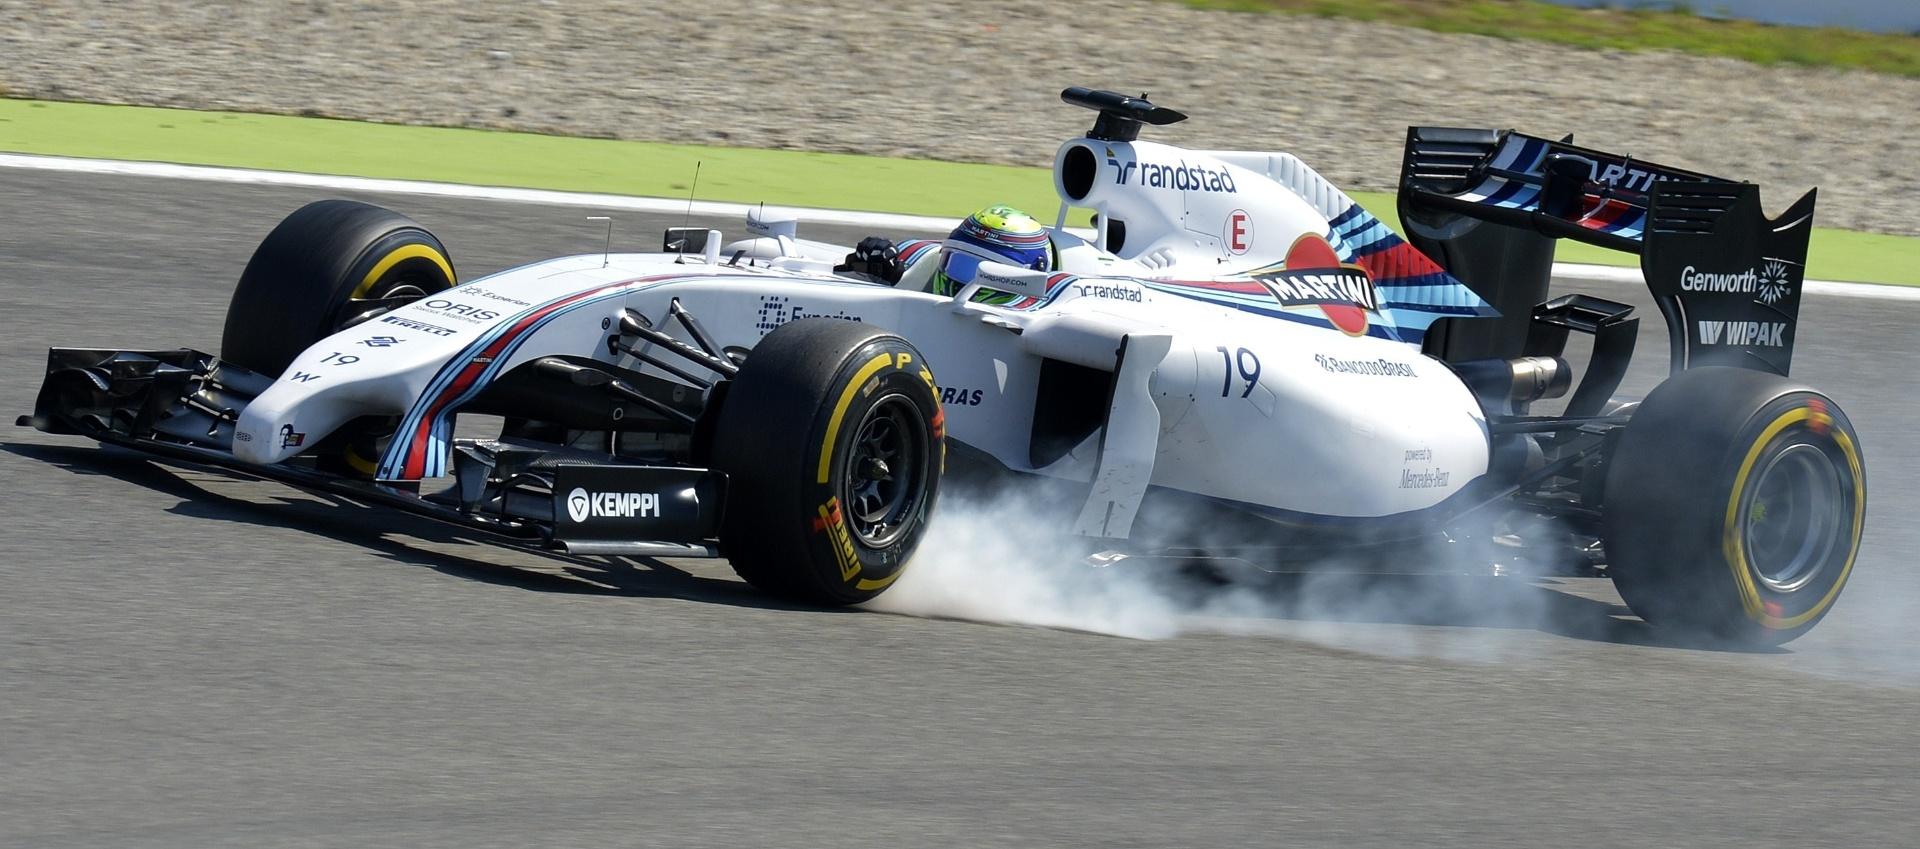 19.jul.2014 - Felipe Massa trava o pneu de sua Williams durante o terceiro treino livre para o GP da Alemanha. O brasileiro terminou em quarto